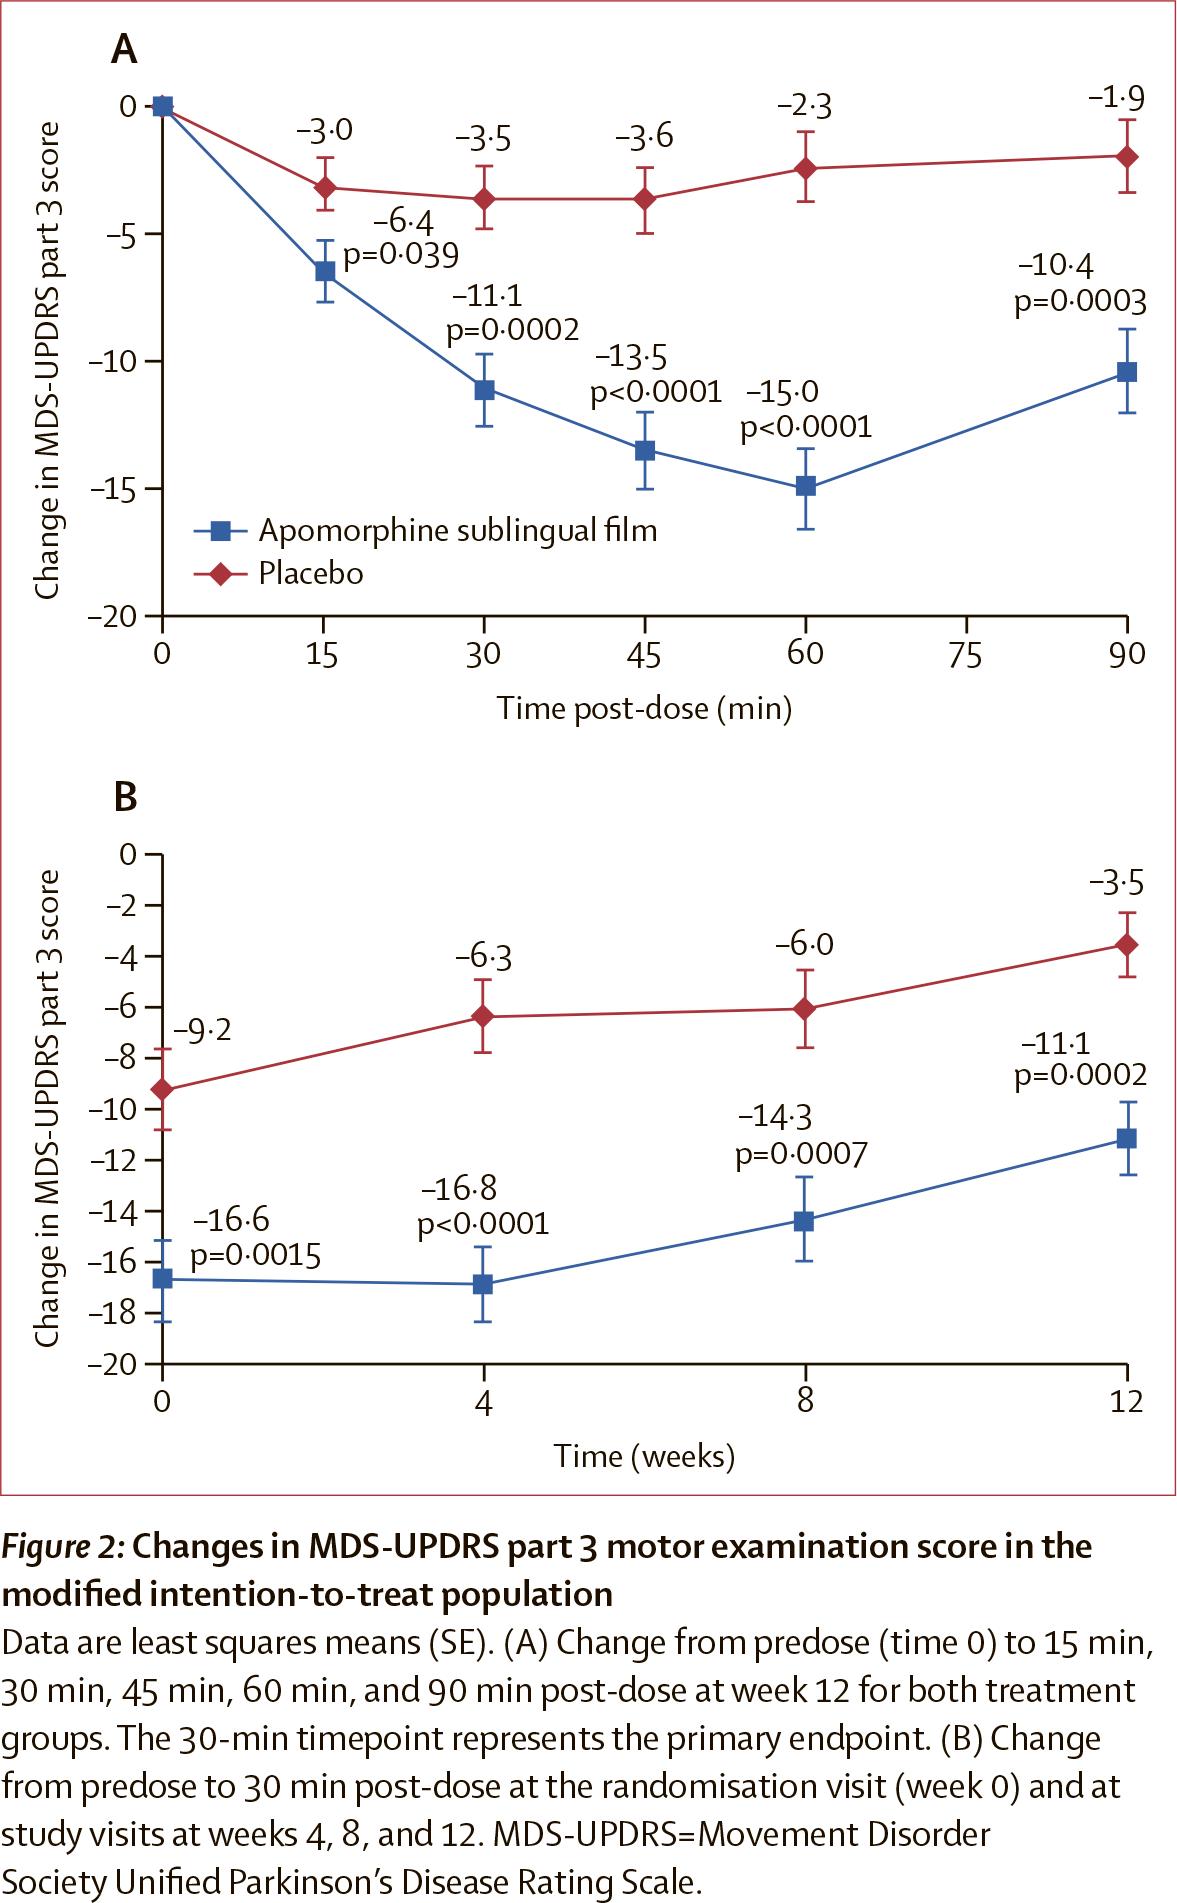 nct02469090 results 02 - «Кинмоби»: новое лекарство при болезни Паркинсона